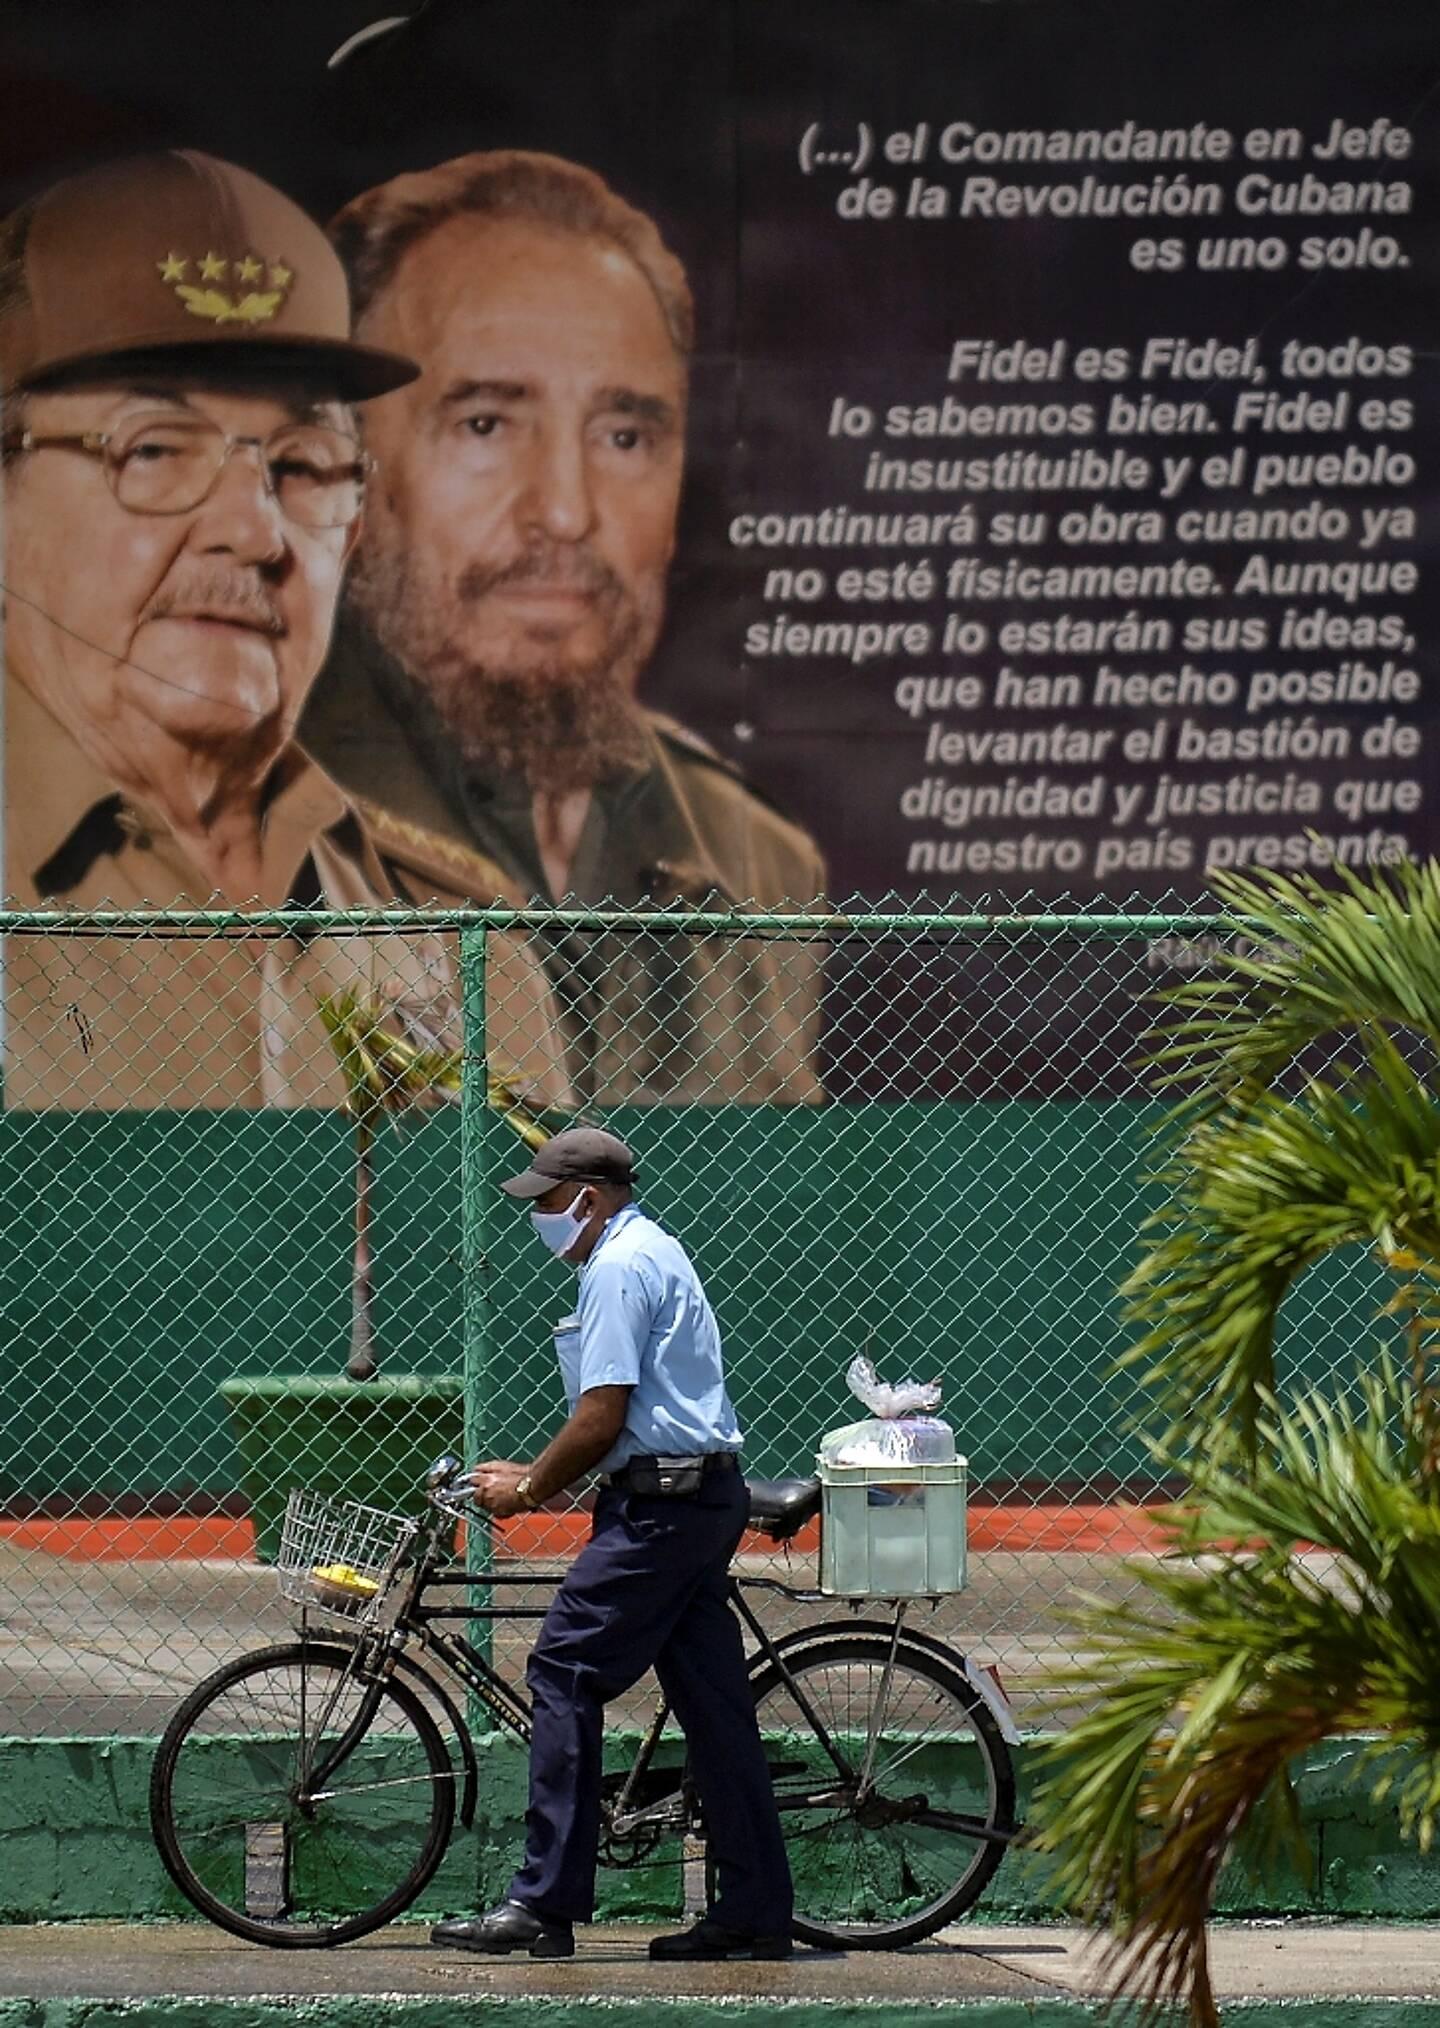 Un homme passe devant une affiche montrant les ex-présidents cubains Fidel et Raul Castro, à La Havane le 13 avril 2021